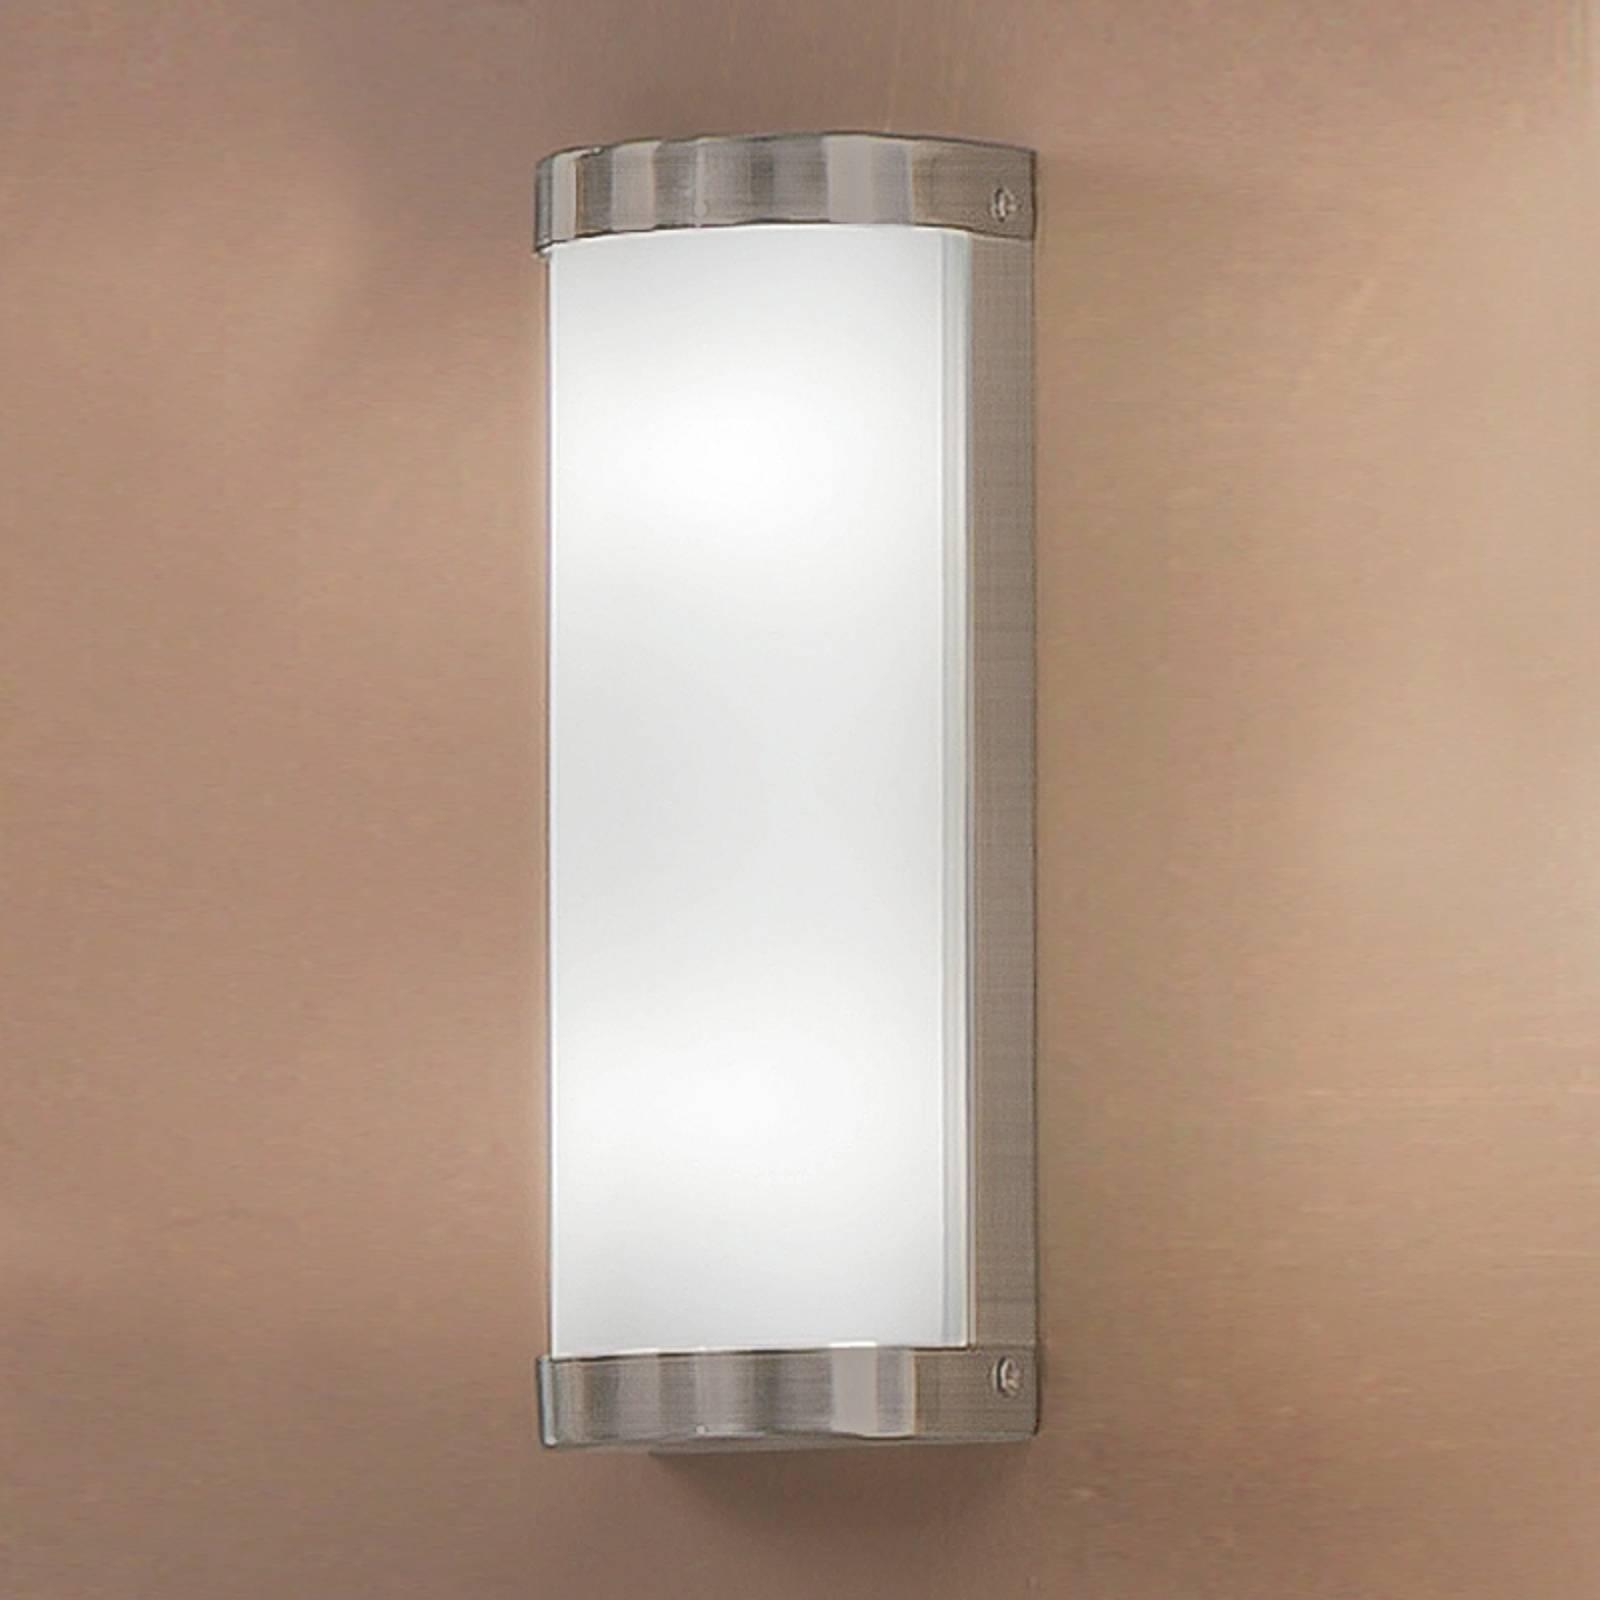 Spezielle Lampe Für Badezimmer: Wandbeleuchtung Von ORION Bei I-Love-Tec.de